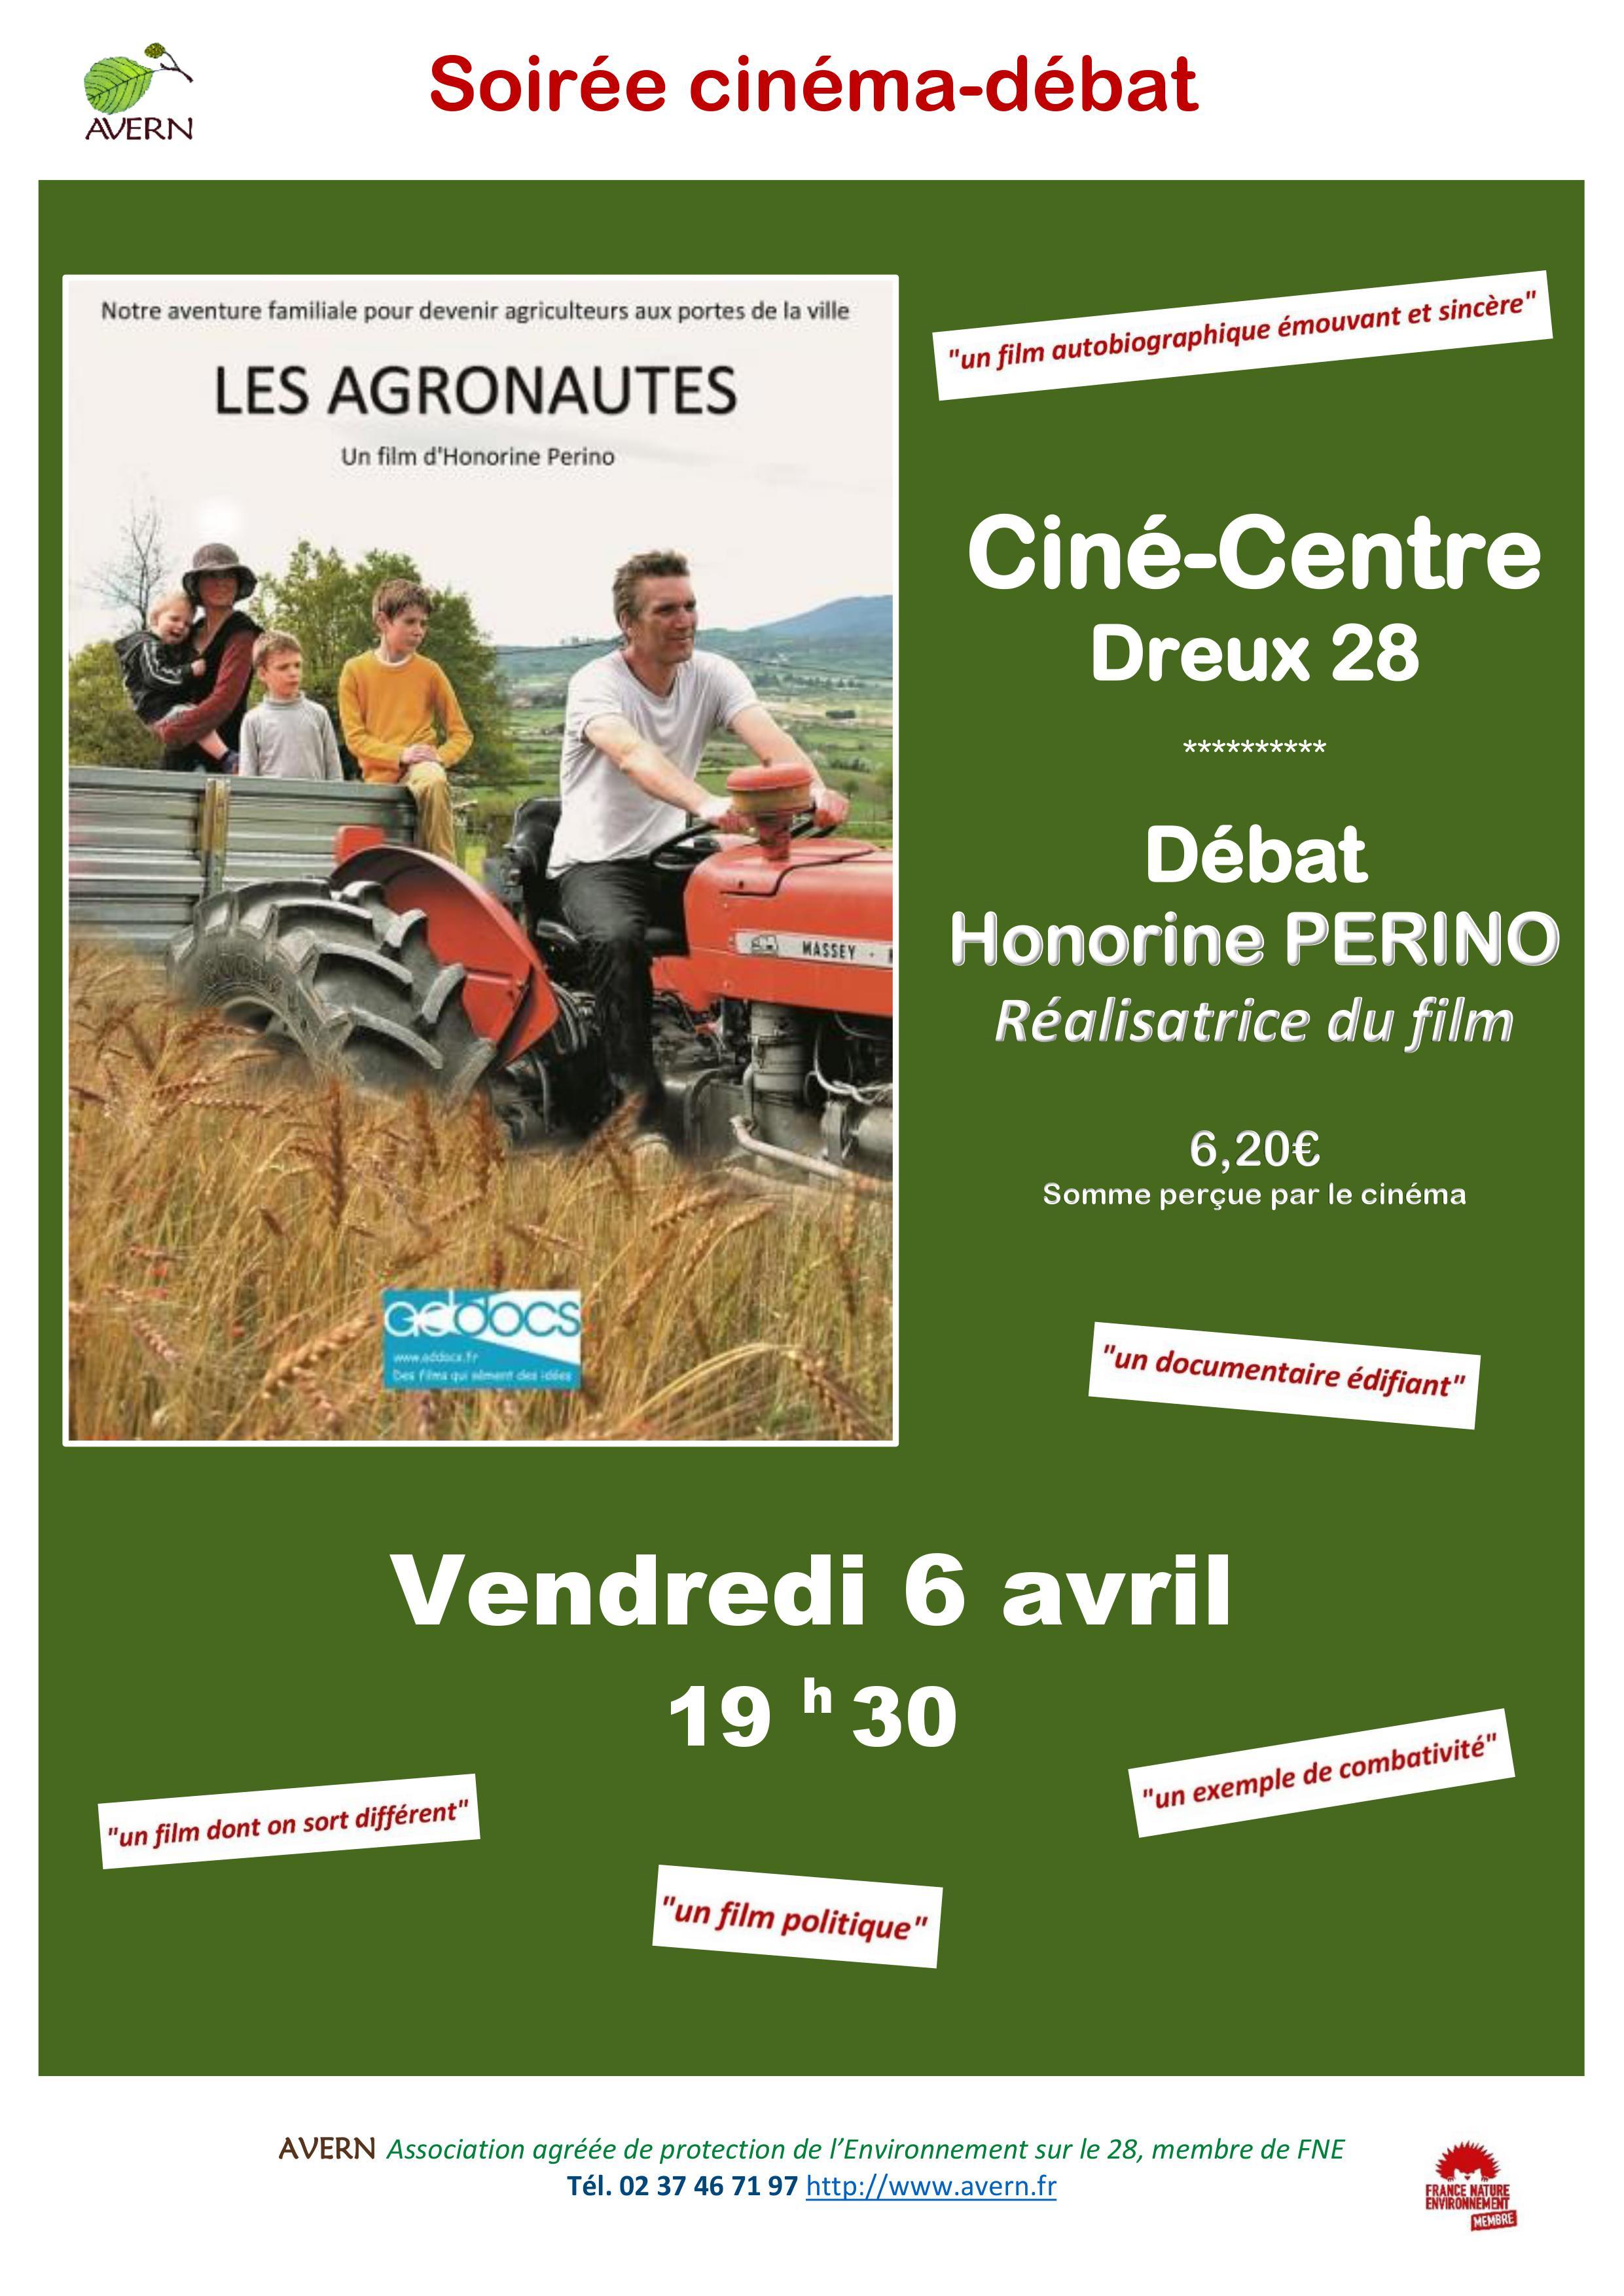 Le film «Les Agronautes» de Honorine PERINO diffusé le 6 avril